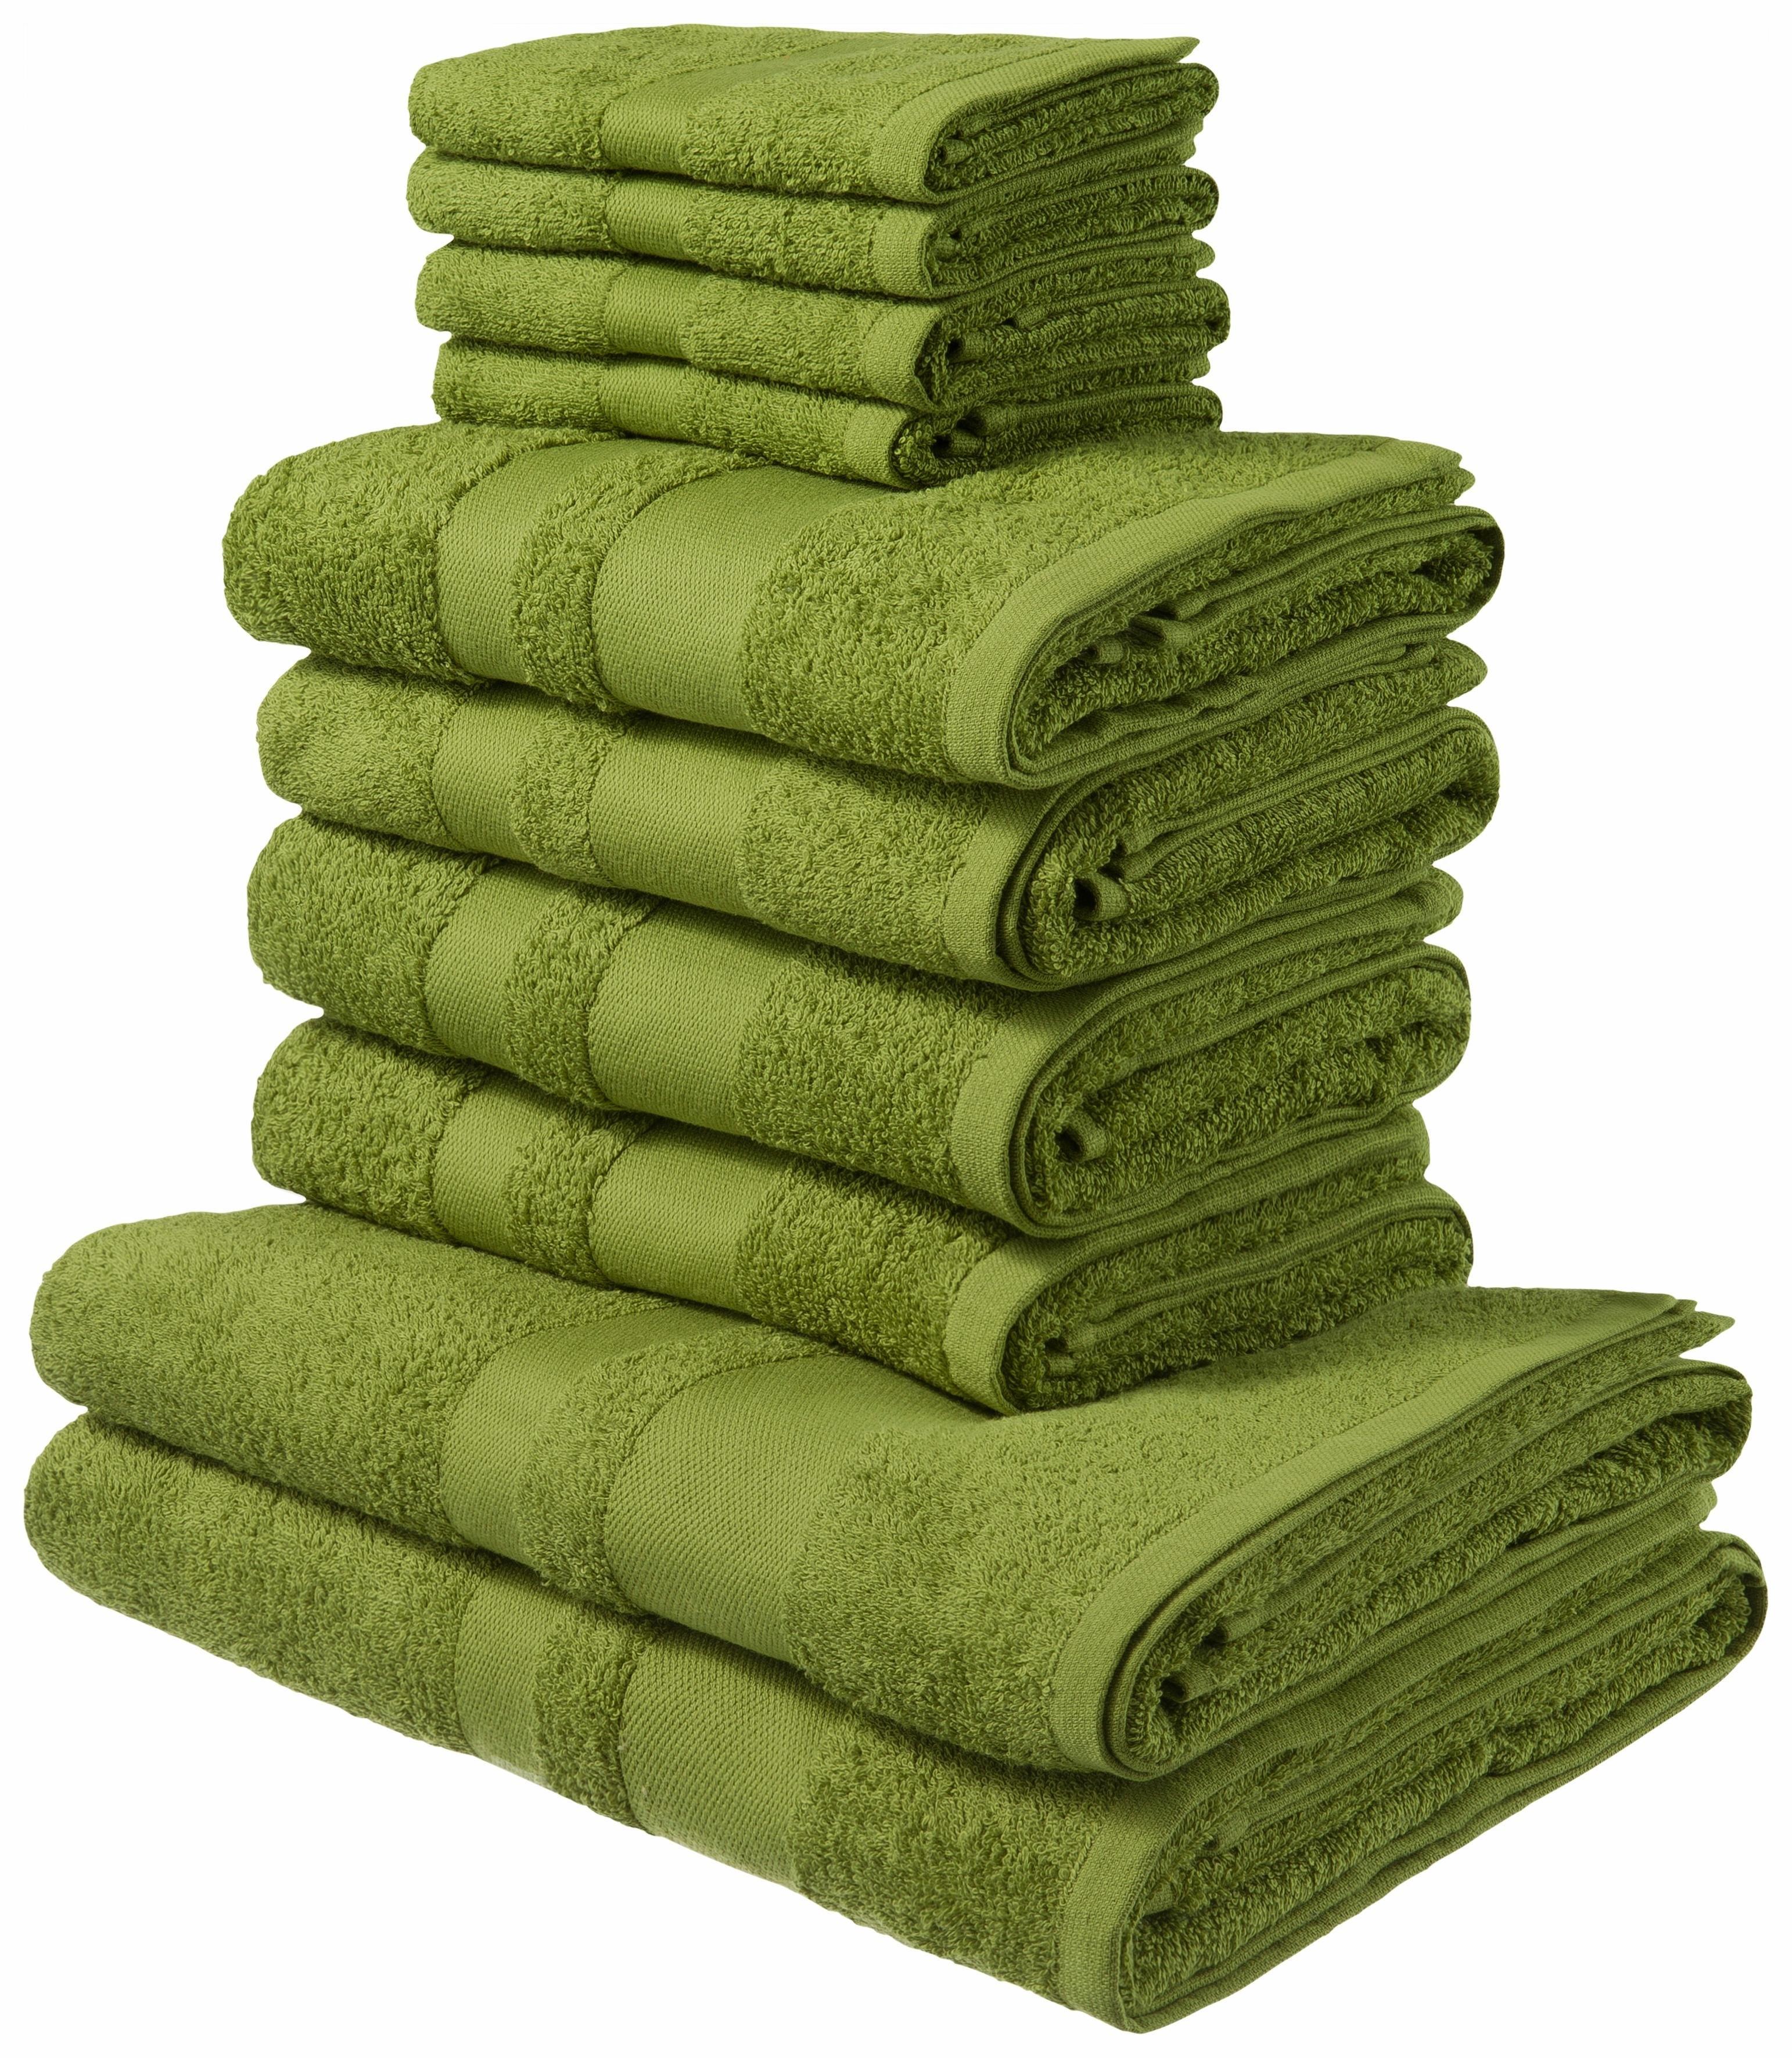 Handdoeken kopen handdoeken in verschillende kleuren otto for Meubels bestellen met acceptgiro